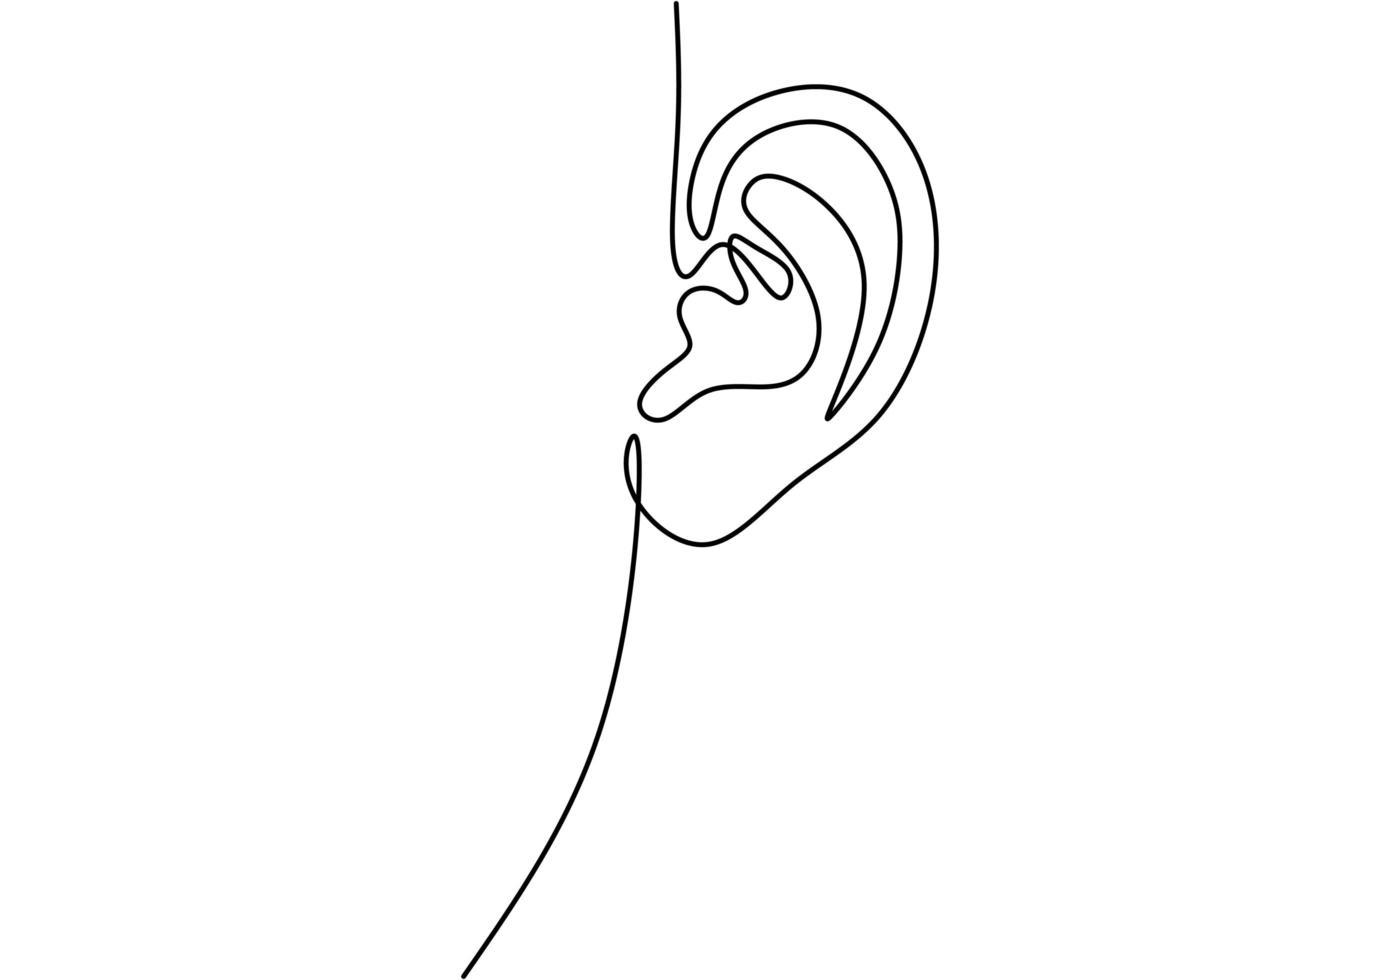 desenhar uma linha contínua do ouvido humano. mundo surdo dia simples esboço de uma única linha. vetor